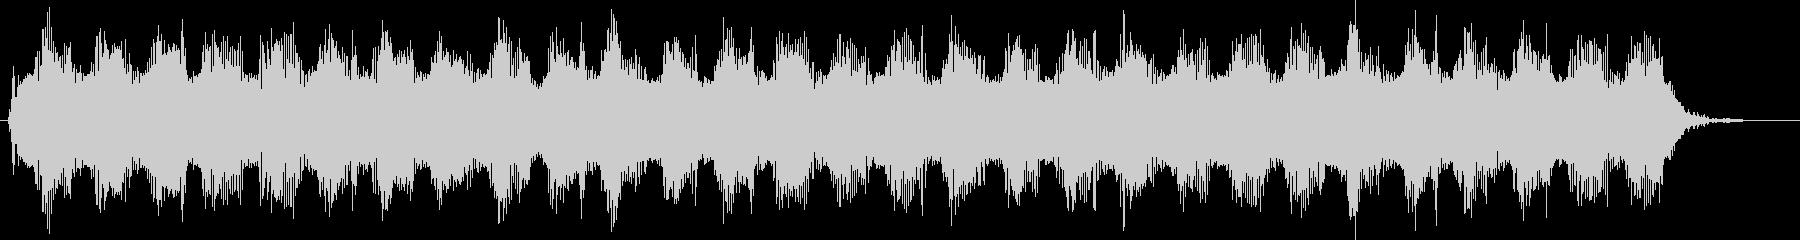 スペースアラーム:急速なリズムの2...の未再生の波形